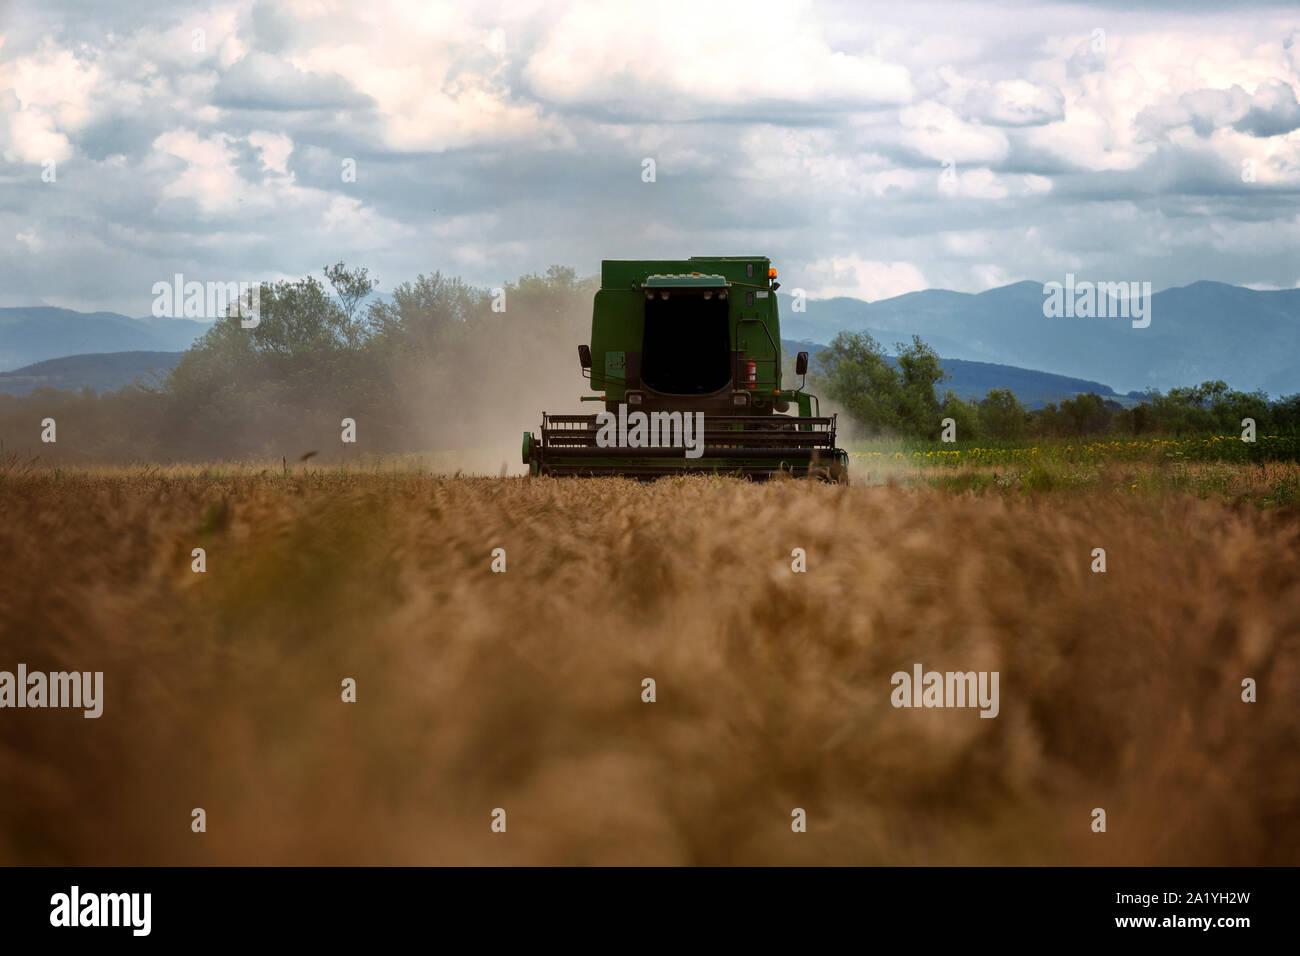 Mähdrescher in Aktion auf Weizenfeld. Die Ernte ist der Prozess der Erfassung eine reife Ernte von den Feldern. Stockfoto